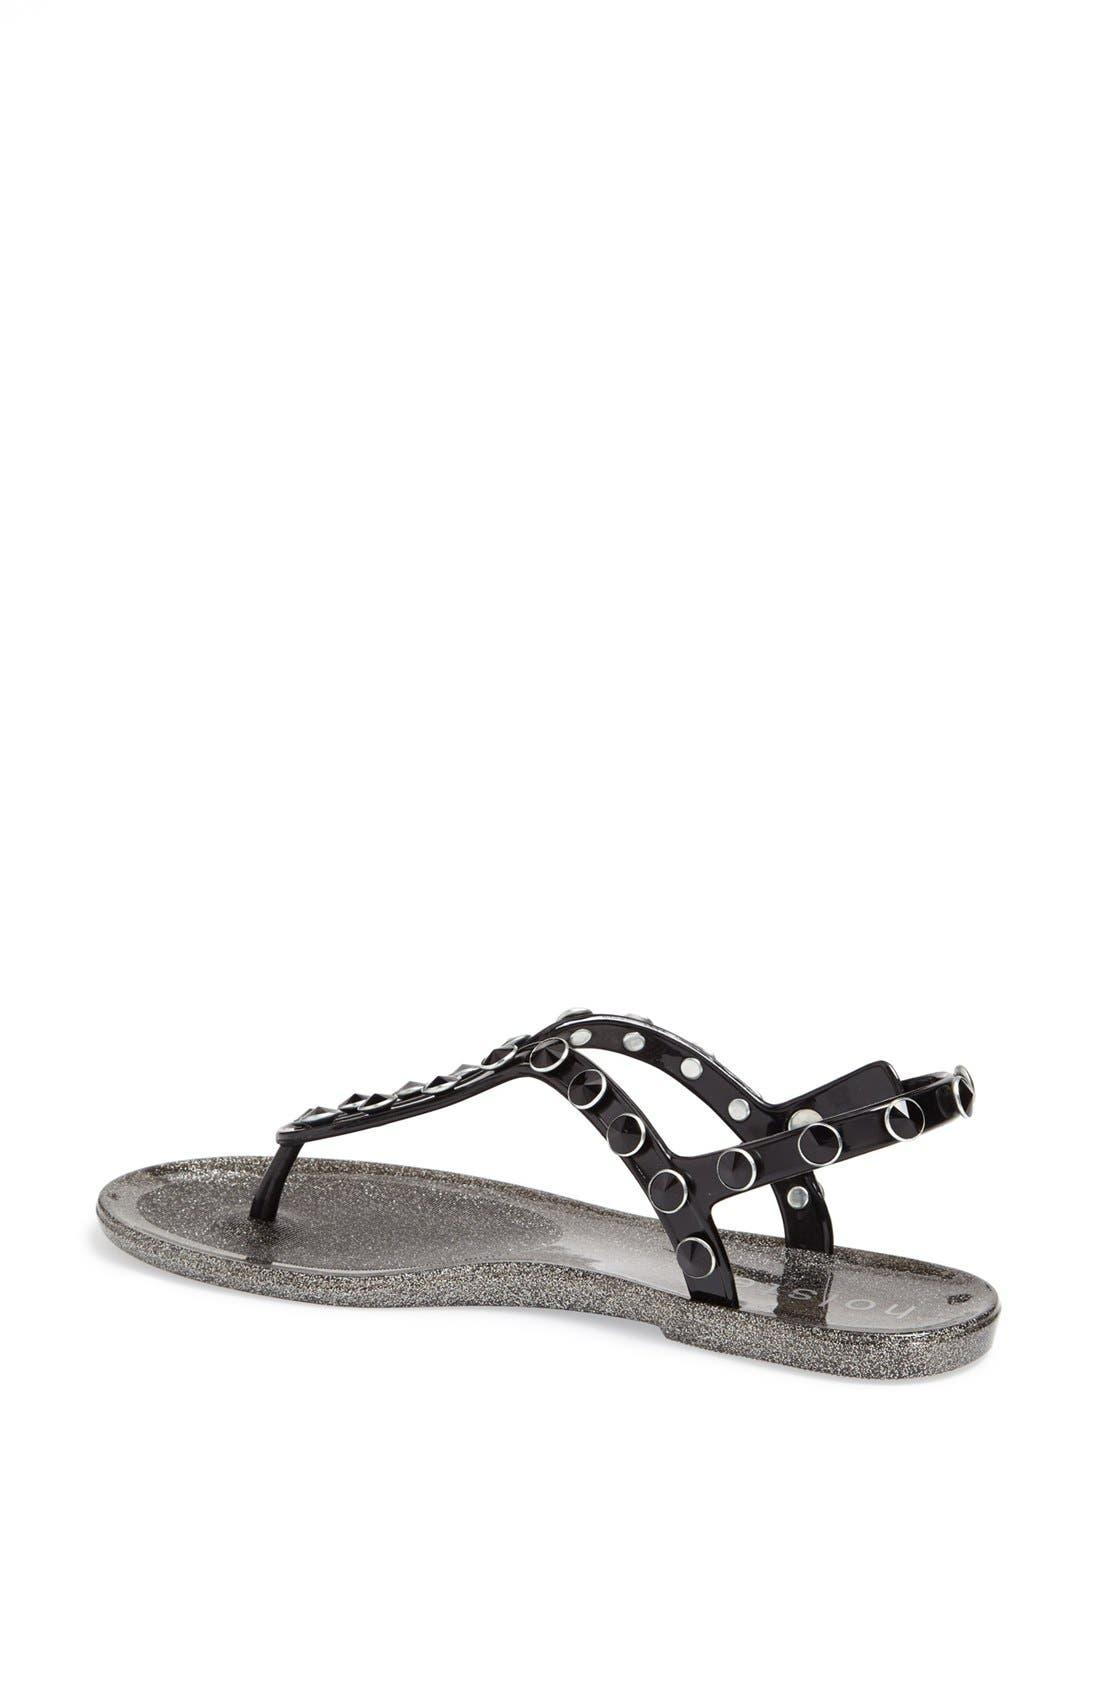 Alternate Image 2  - Holster Fashion 'Supermodel' Jelly Thong Sandal